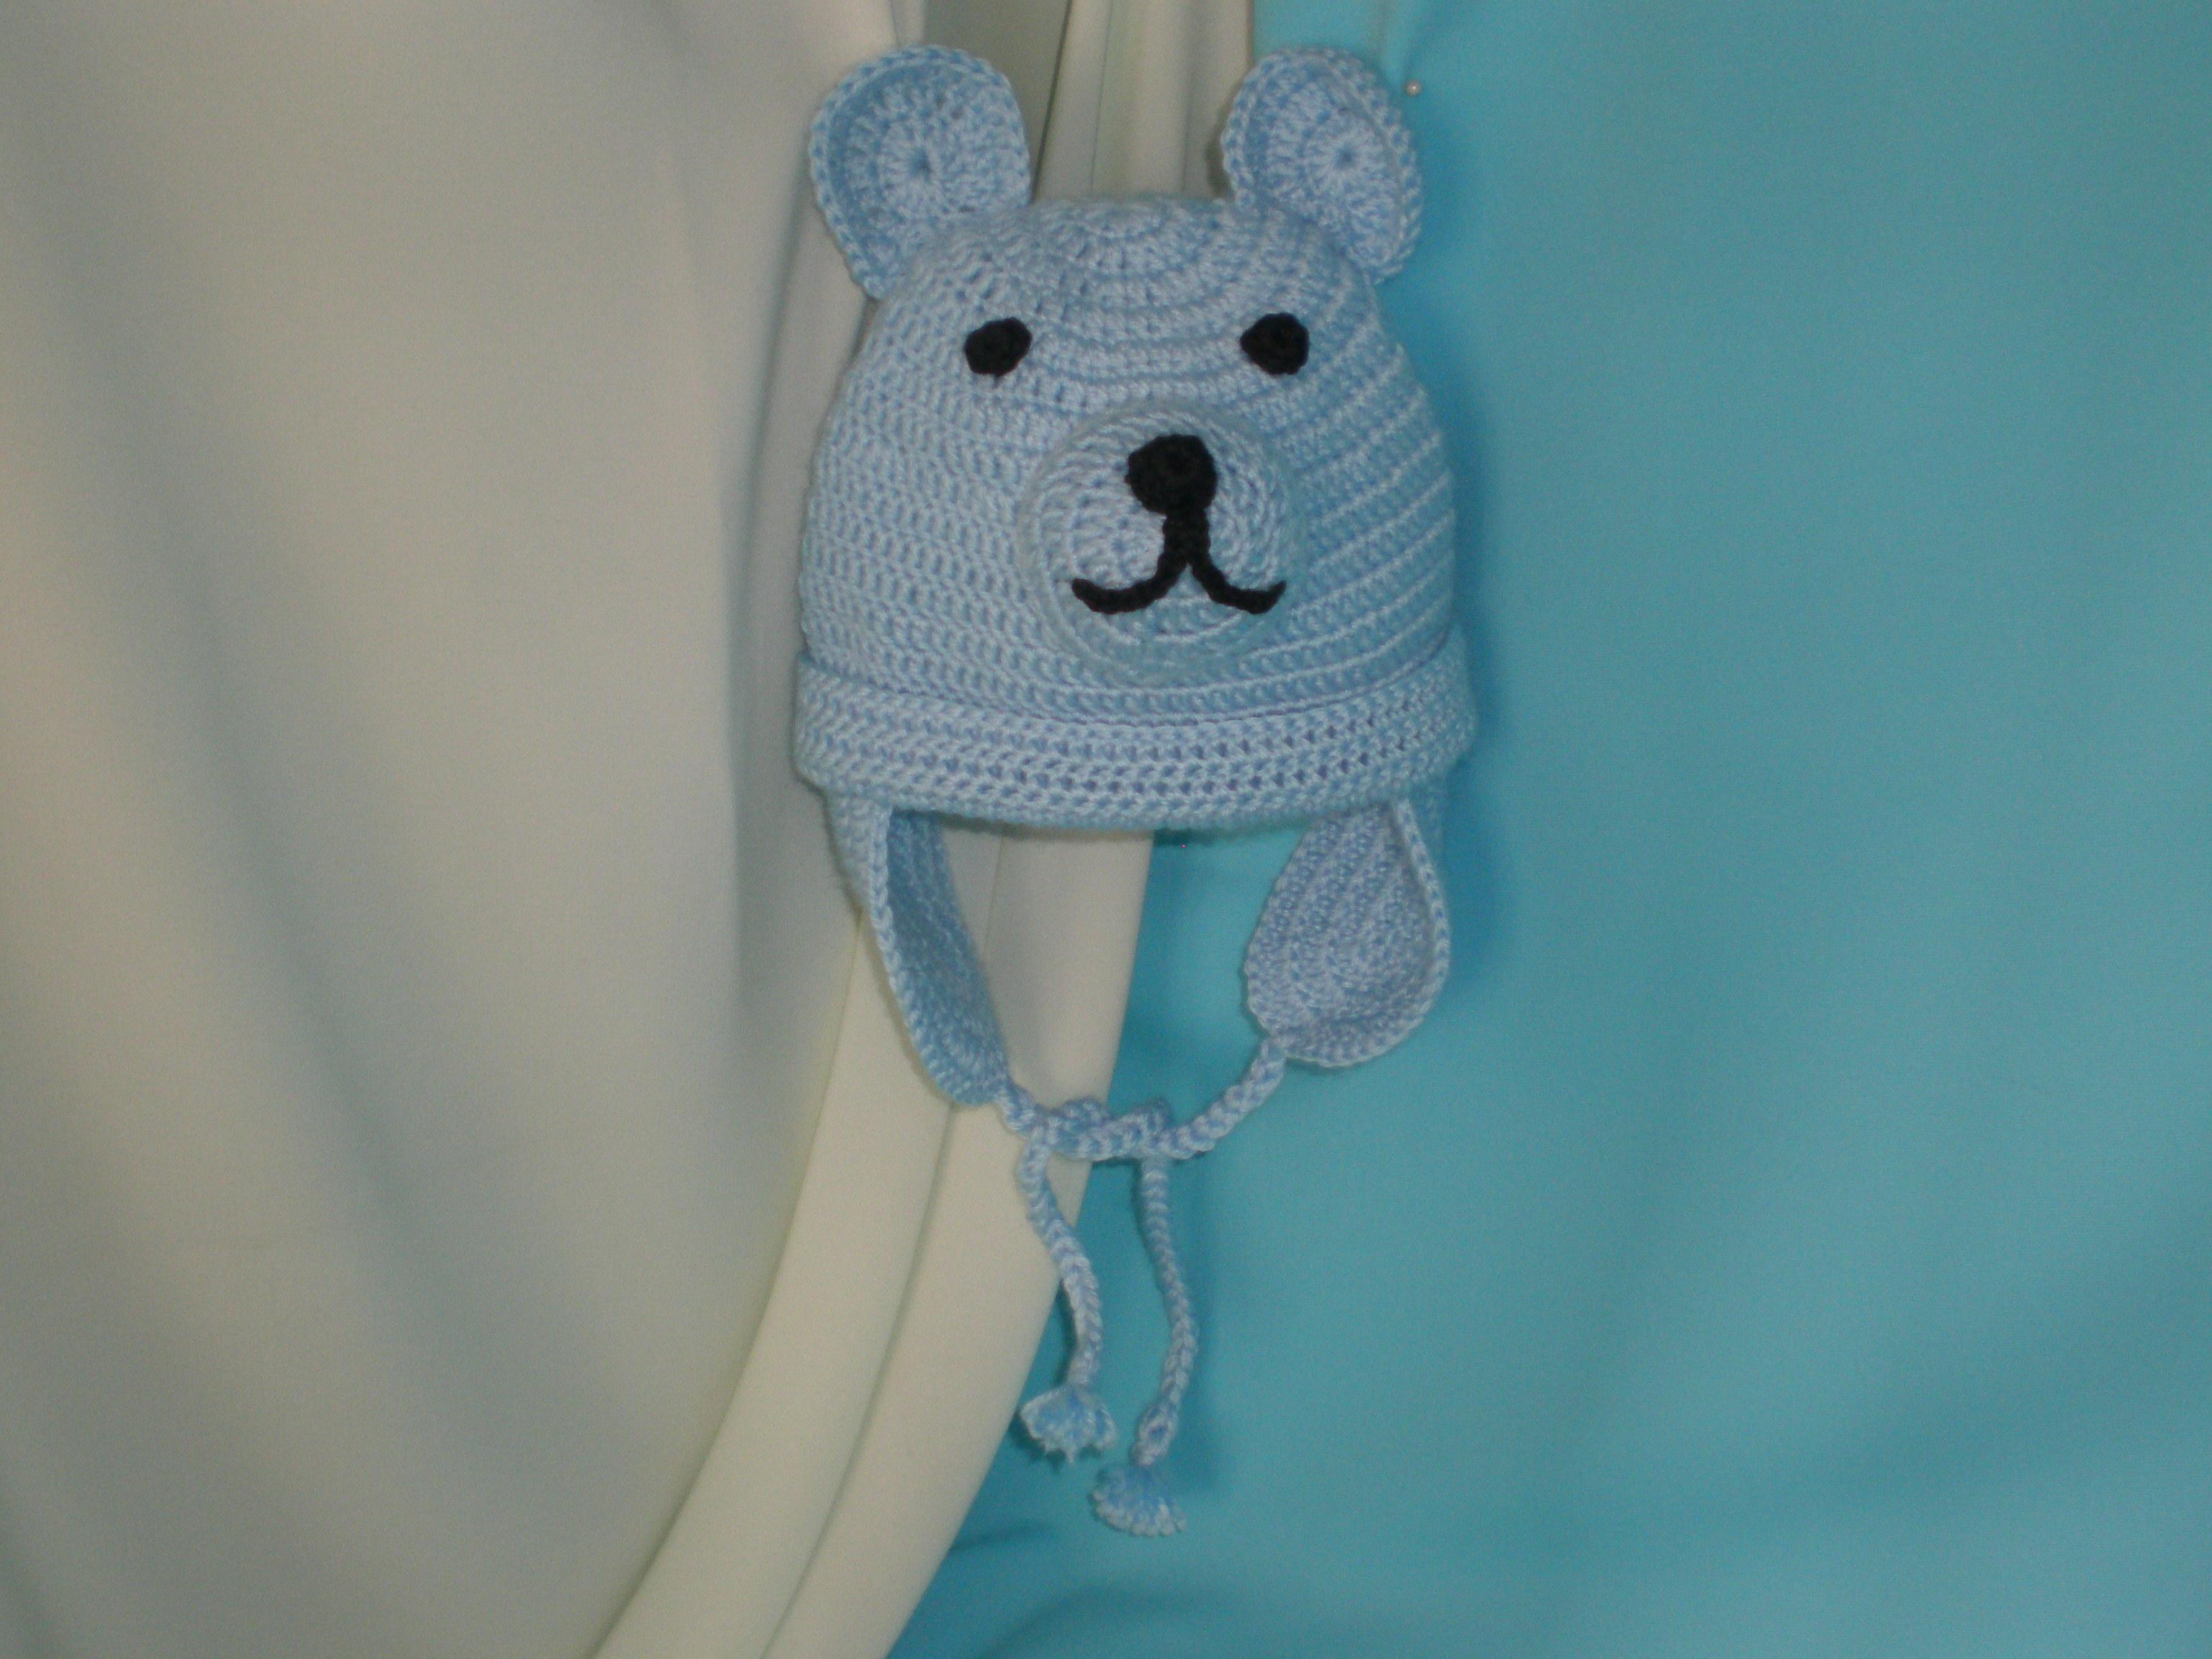 Подгузник для кошки из пеленки своими руками